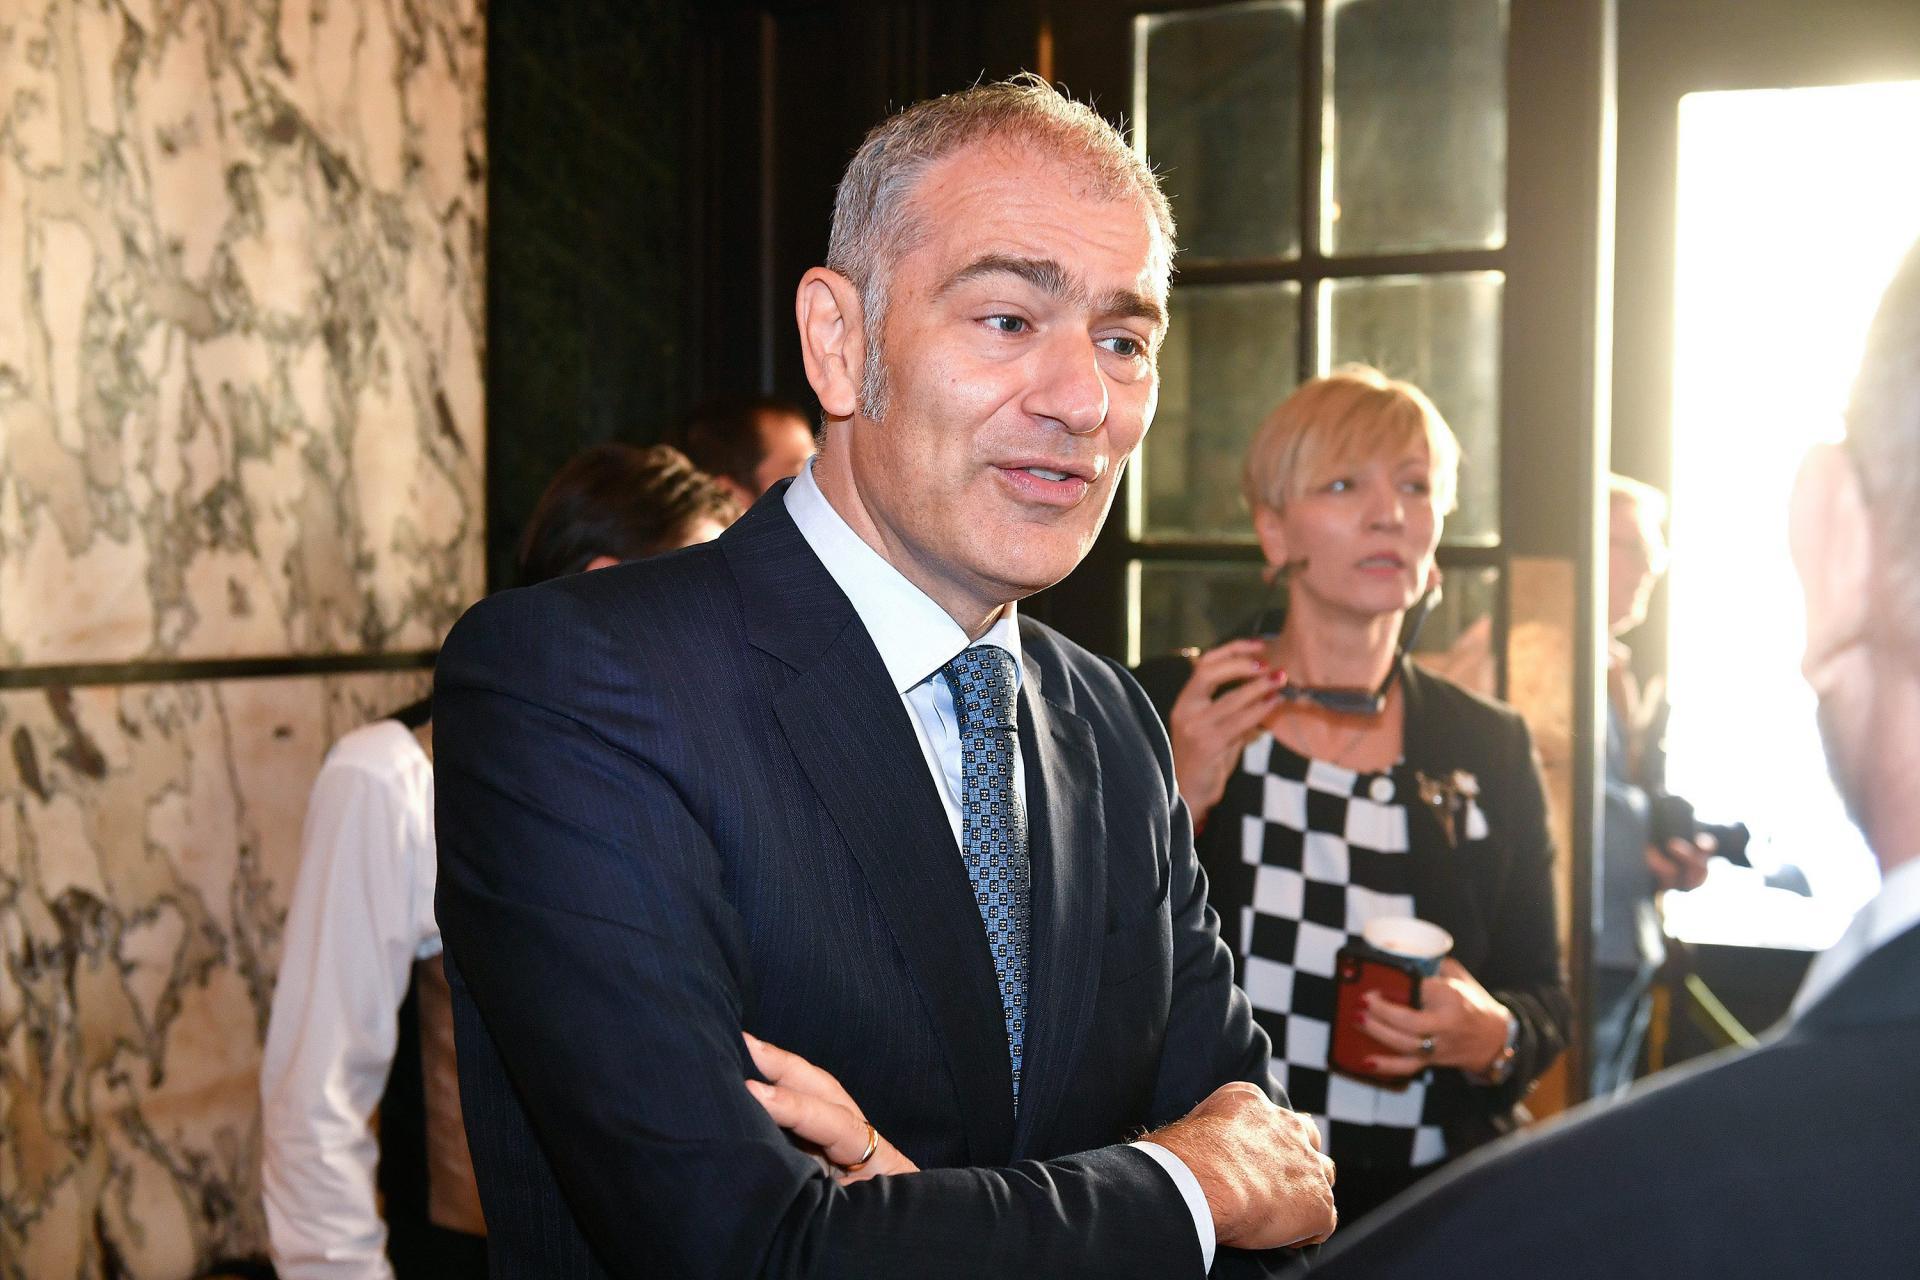 Neto dobit Atlantic grupe 217,5 milijuna kuna; narasla im vrijednost brendova Cedevita, Donat...